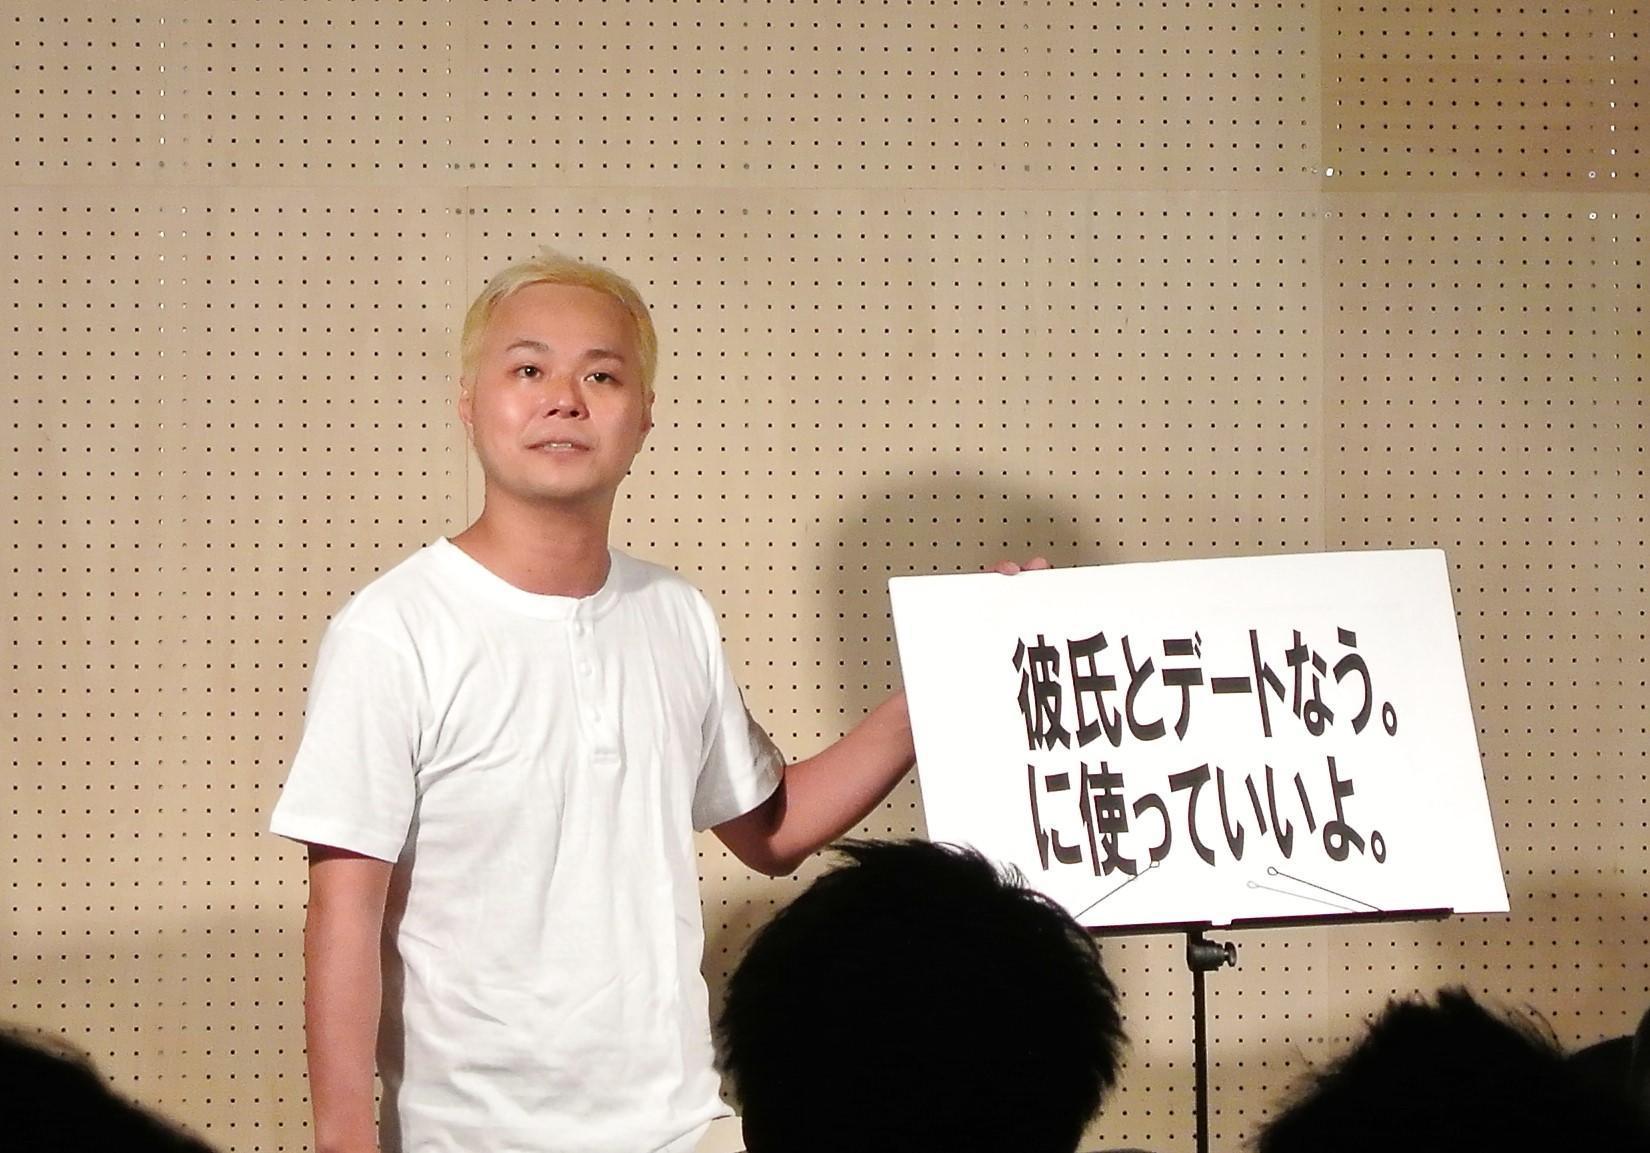 http://news.yoshimoto.co.jp/20171012190702-d1eae3822f6261a562740e7a21e9cae1790295e0.jpg